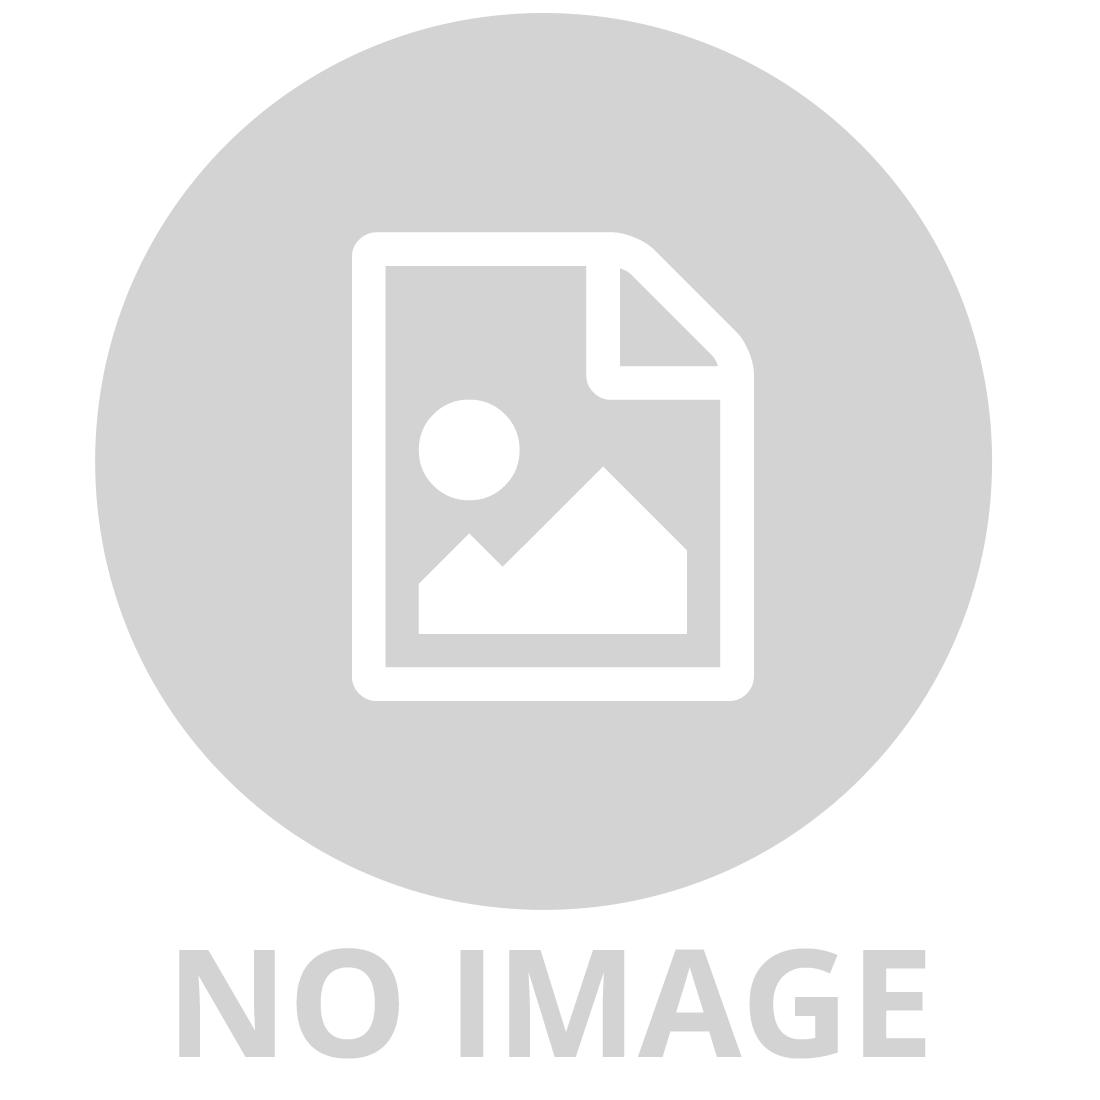 TECH DECK WORLD TOUR RAMP PAINE'S PARK